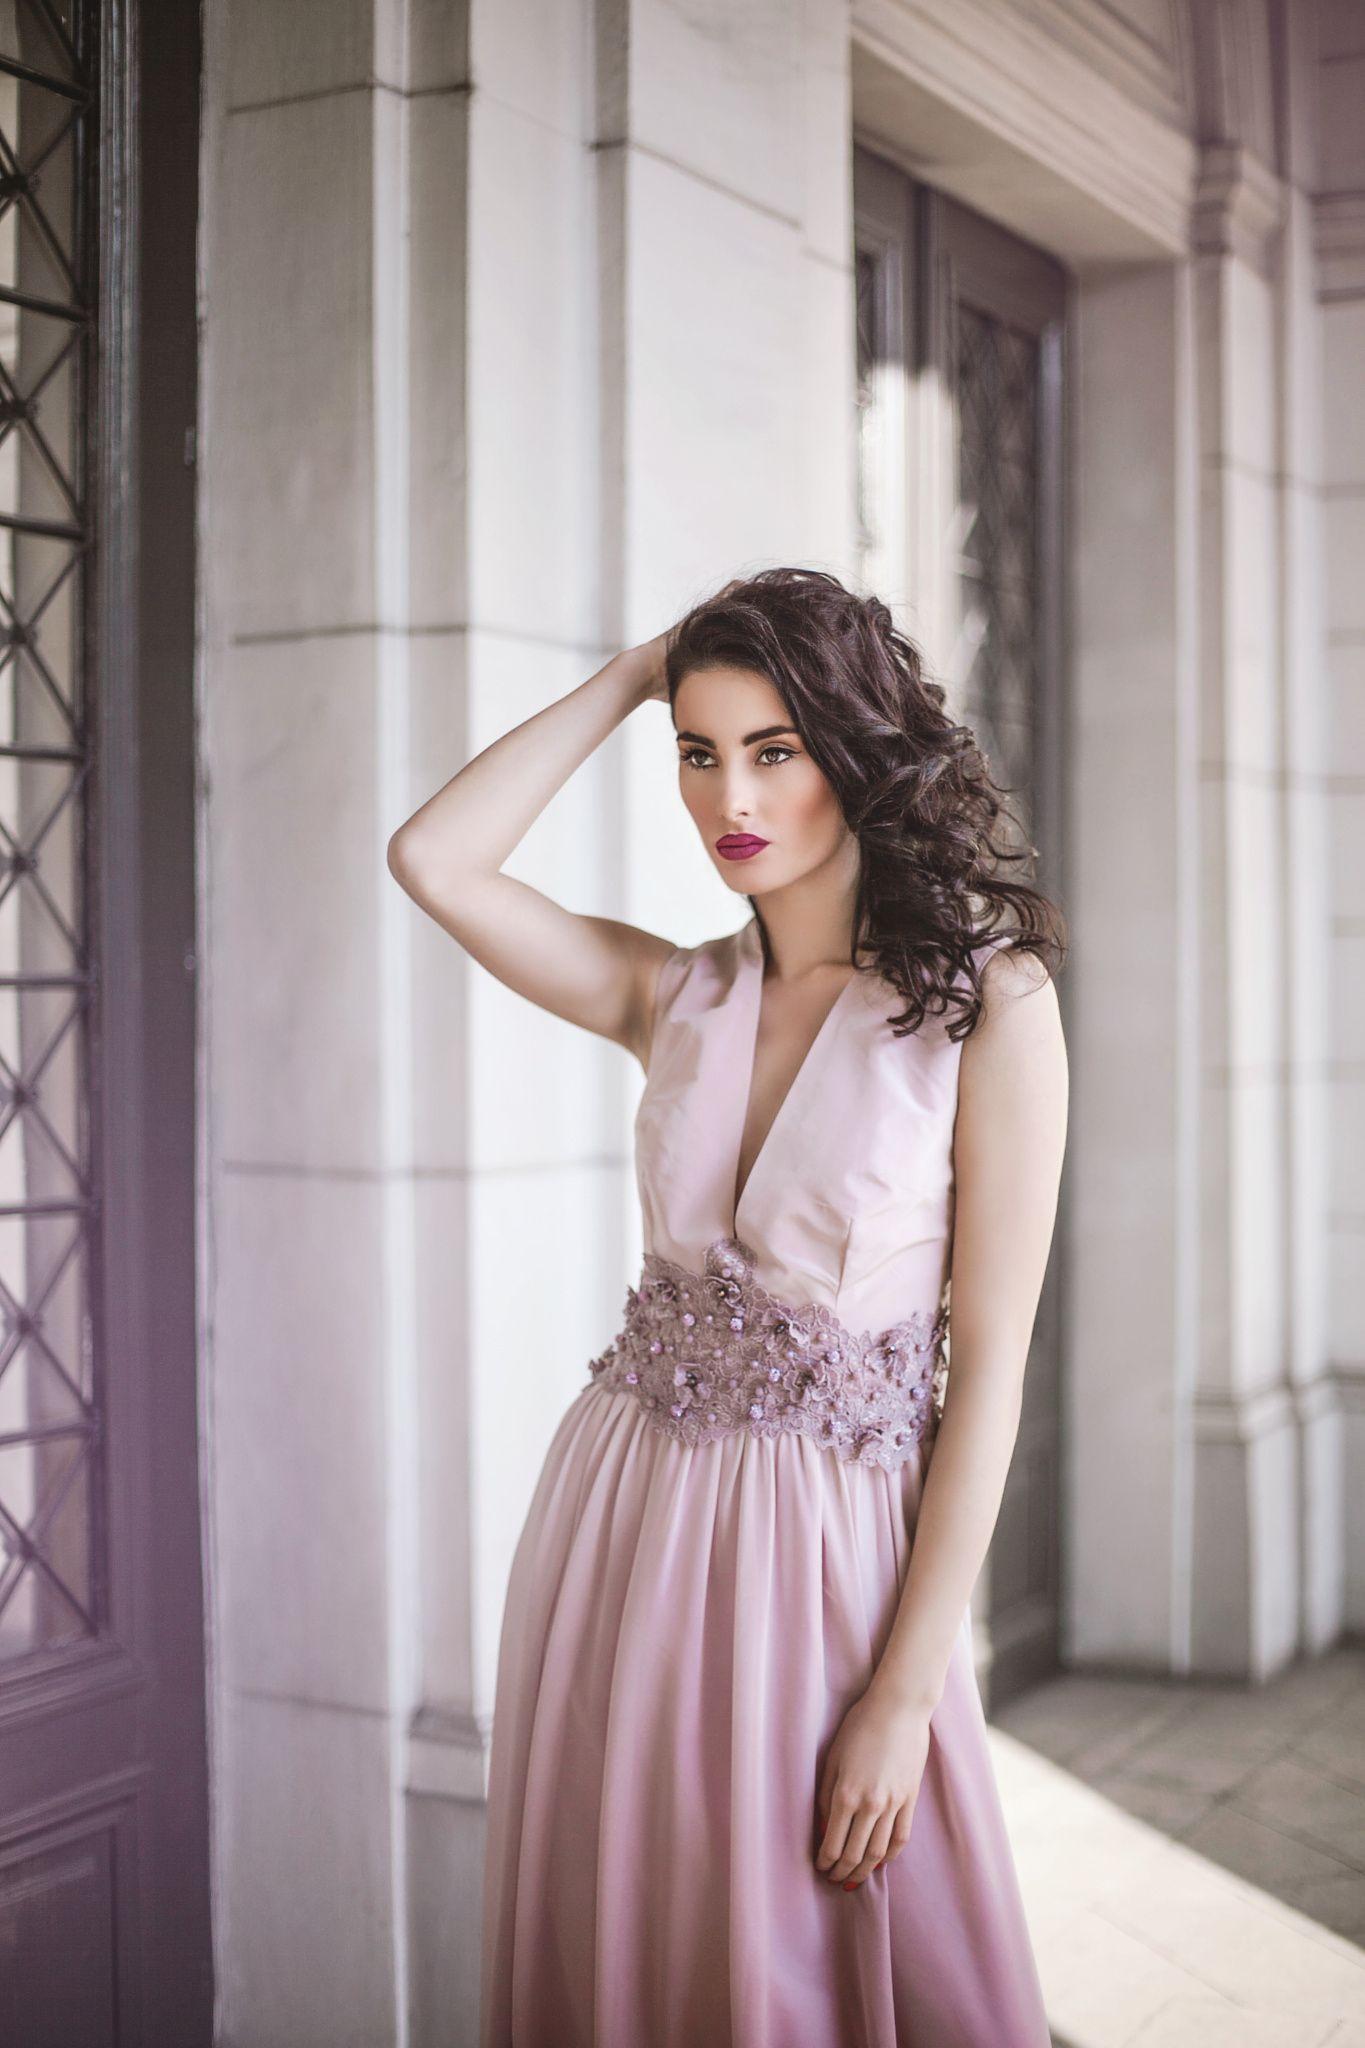 Model Isidora Borovcanin Makeup Maja Koristovic